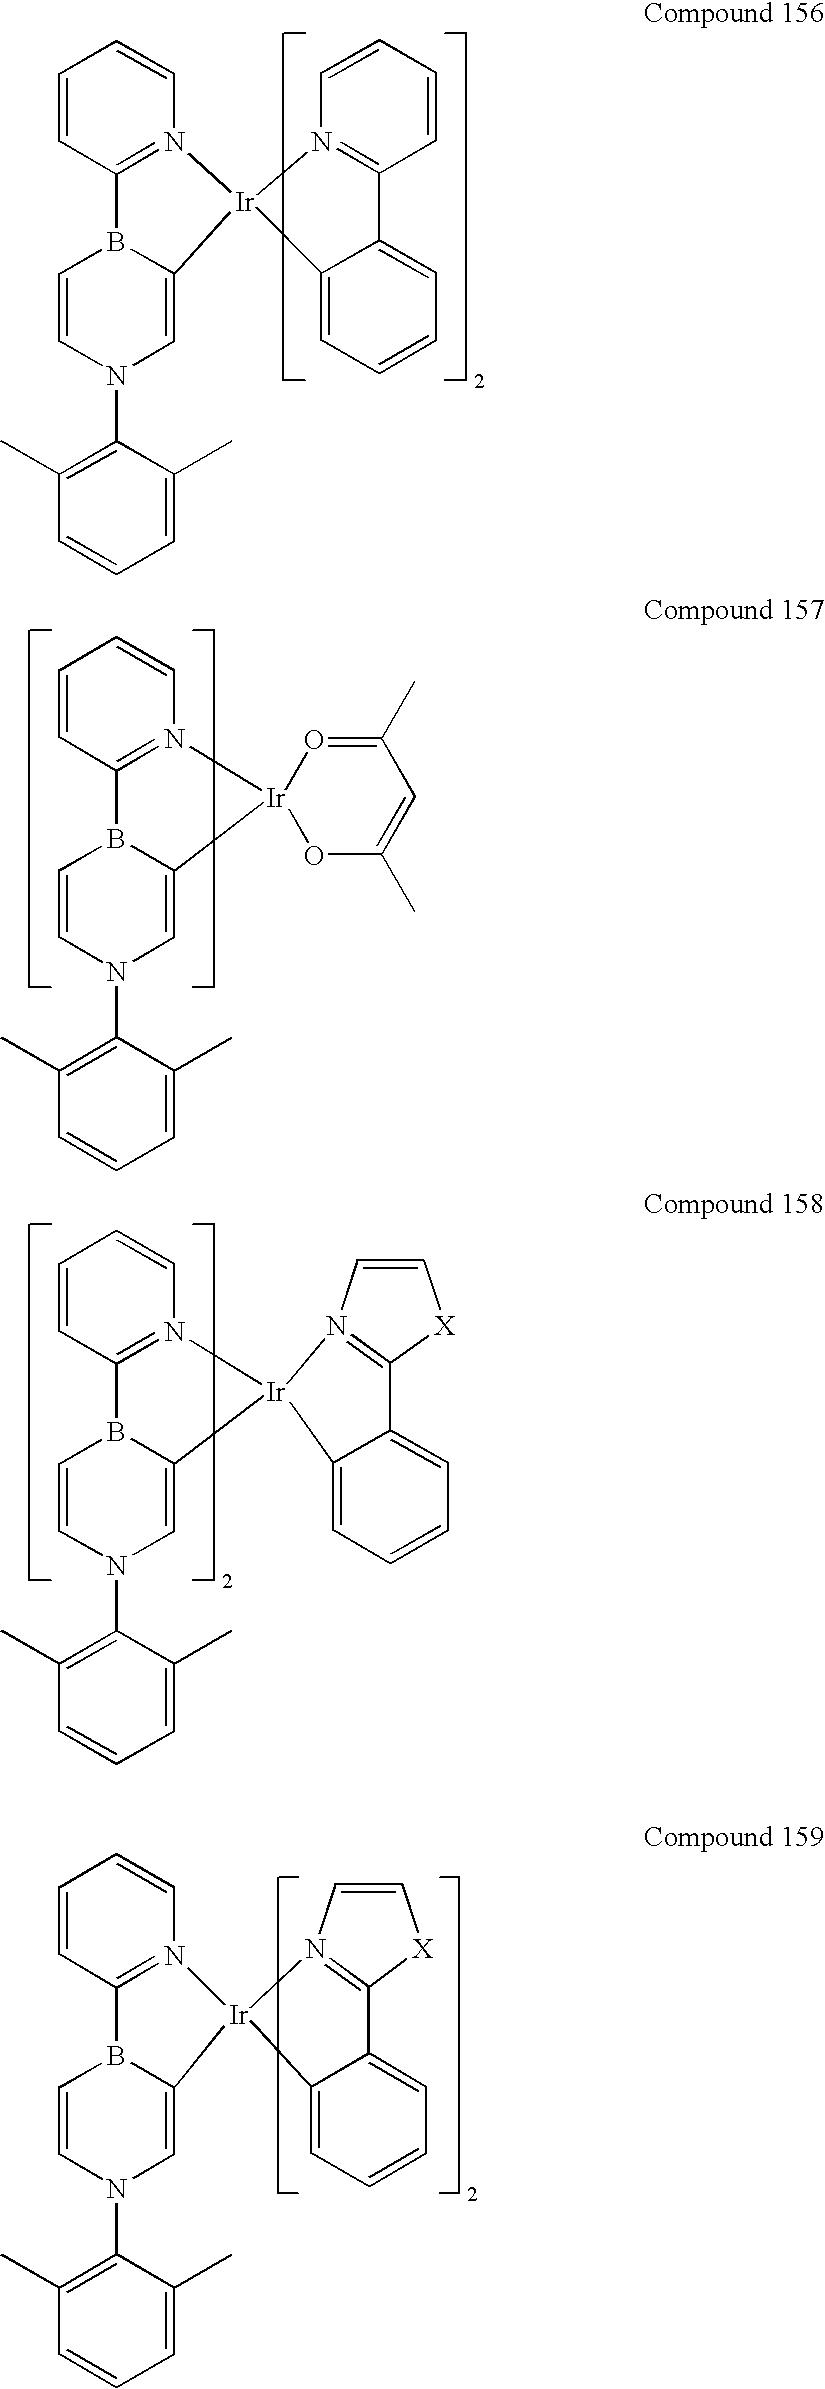 Figure US20100295032A1-20101125-C00081